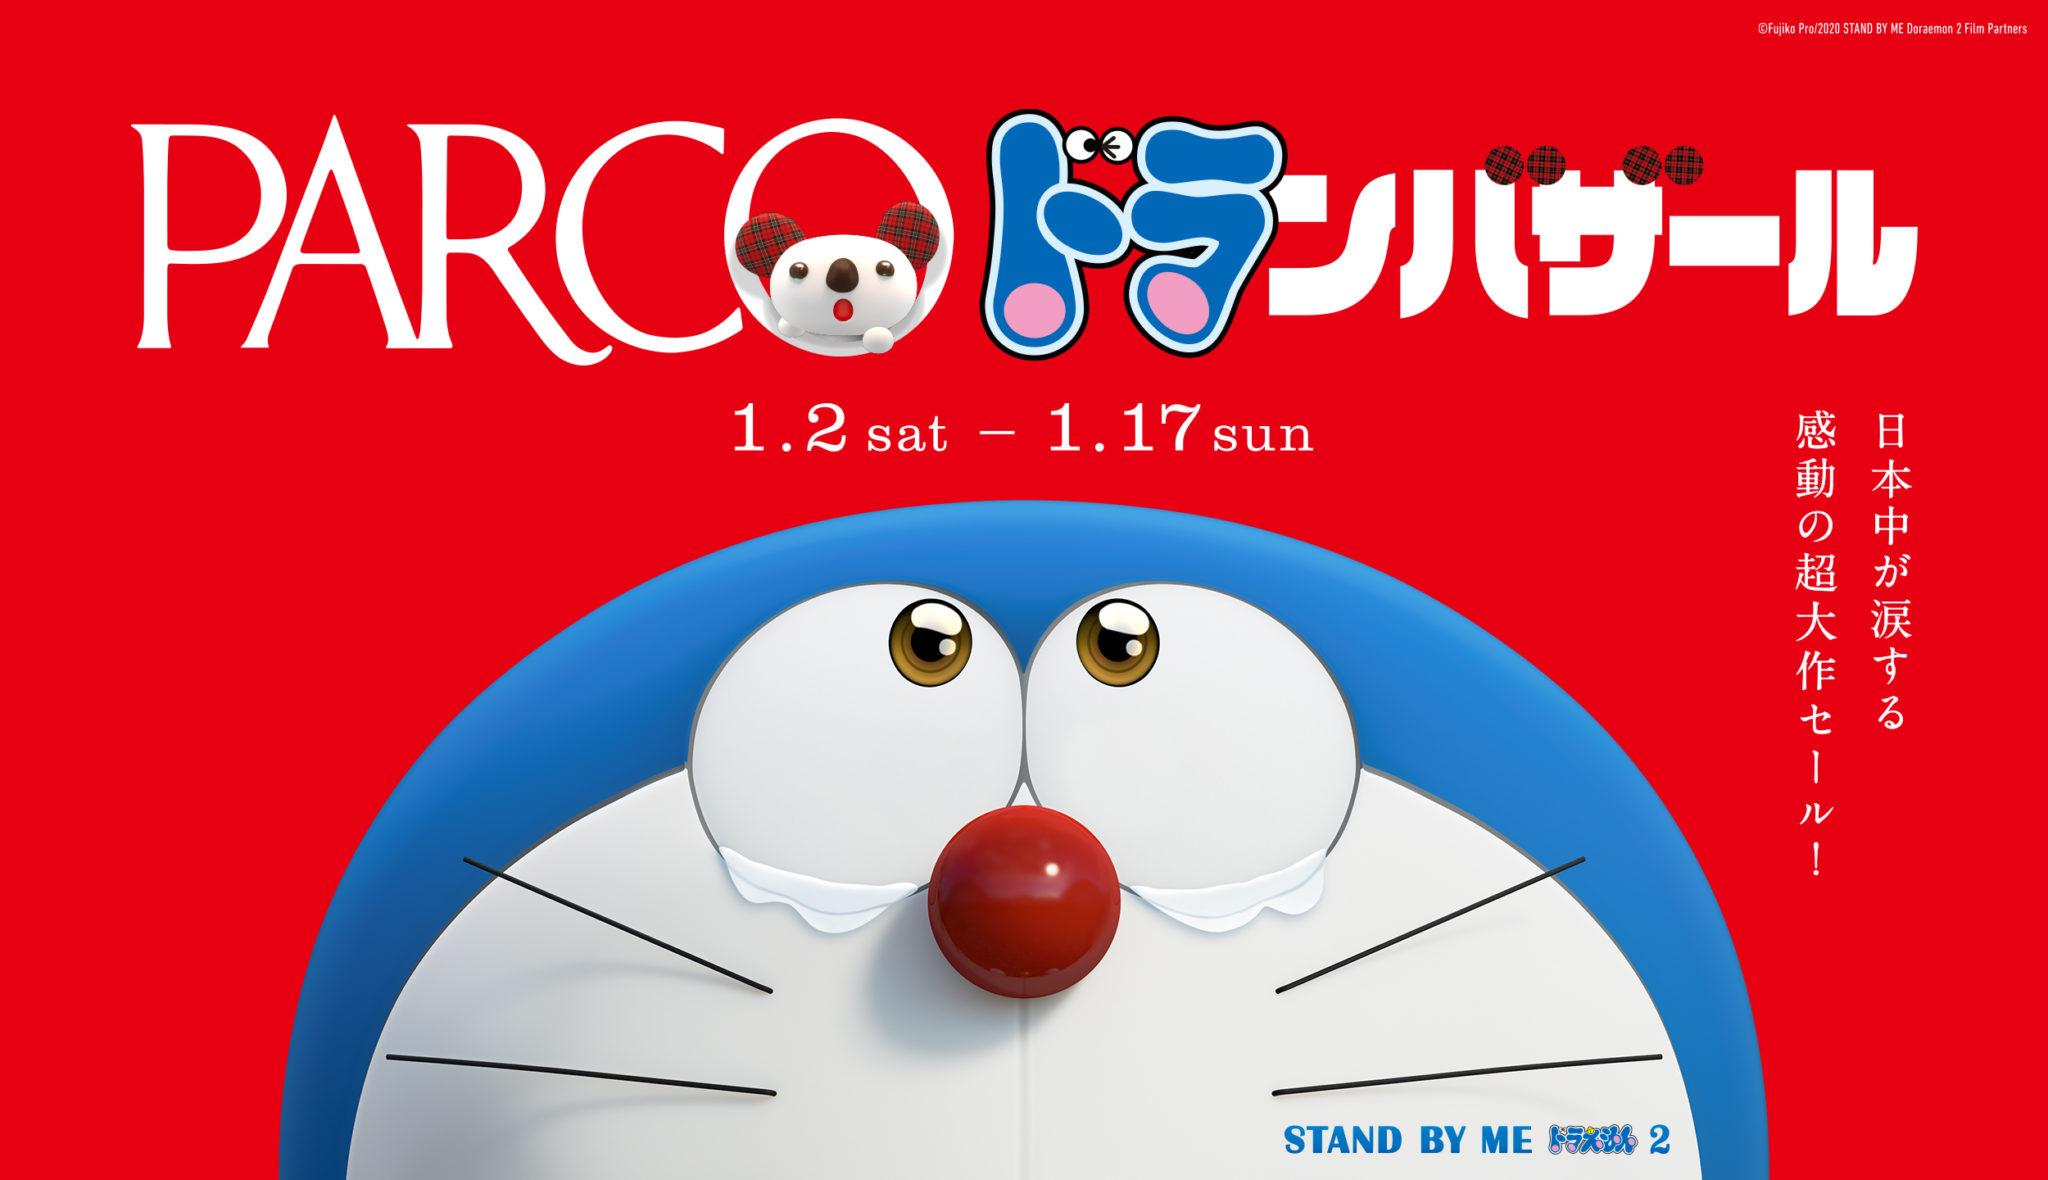 渋谷パルコ2021初売りセールは1月2日10時から